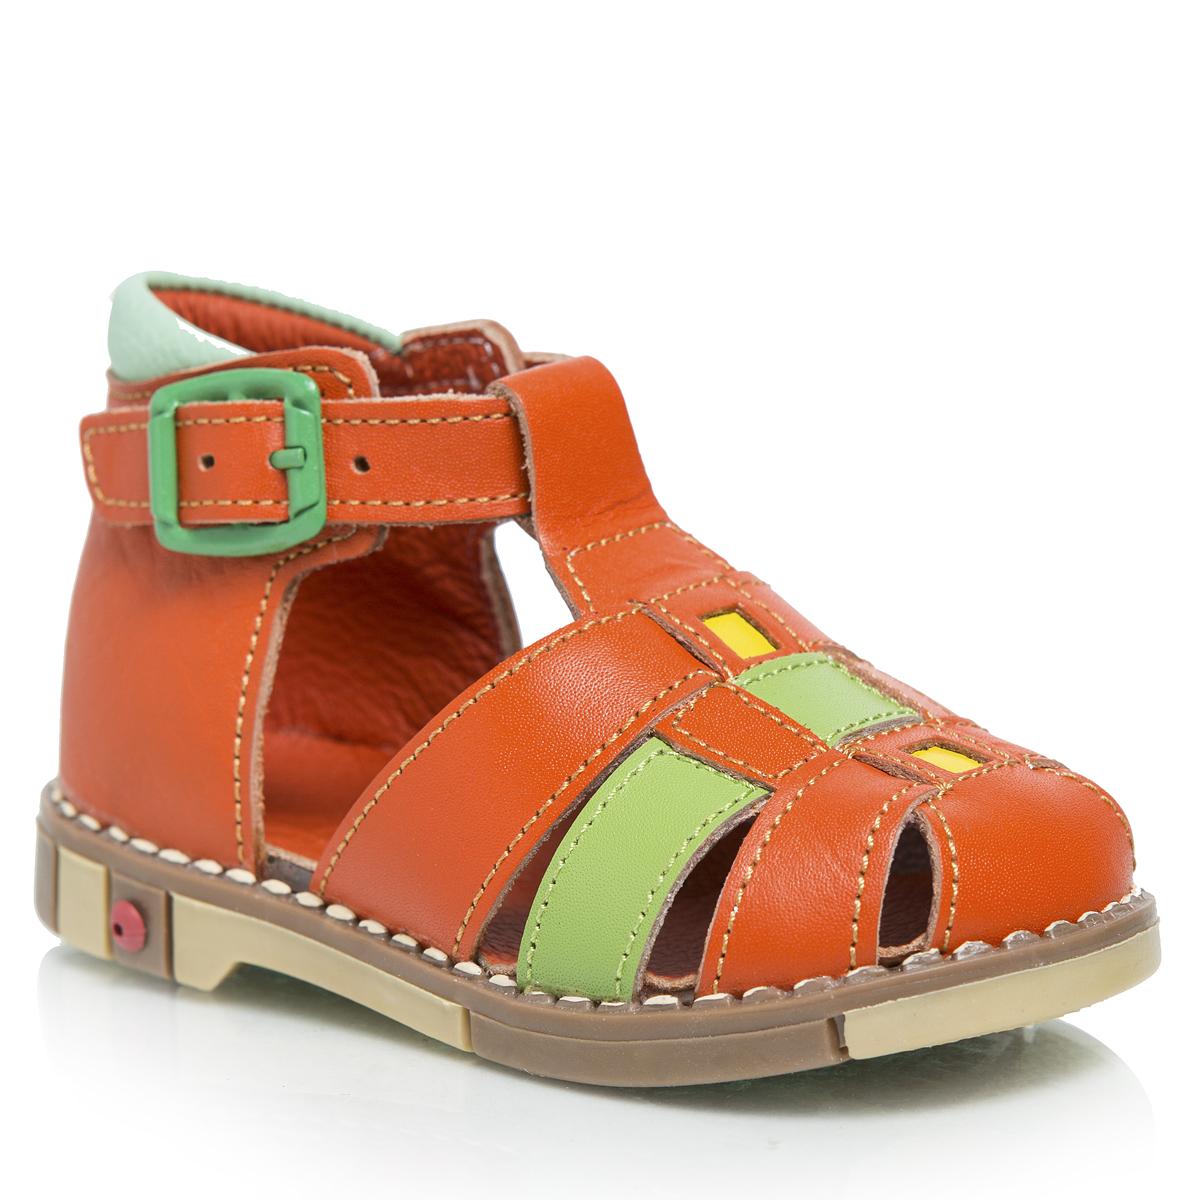 Сандалии234-14Стильные детские сандалии Таши Орто приведут в восторг вашу маленькую модницу. Модель выполнена из натуральной кожи контрастных цветов. Ремешок на застежке-пряжке, которая не ослабевает в процессе носки, помогает оптимально подогнать полноту обуви по ноге и гарантирует надежную фиксацию. Литая анатомическая стелька из натуральной кожи со сводоподдерживающим элементом и латексным покрытием, не продавливающаяся во время носки, обеспечивает правильное формирование стопы. Благодаря использованию современных внутренних материалов, позволяет оптимально распределить нагрузку по всей площади стопы, дает ножке ощущение мягкости и комфорта. Полужесткий задник фиксирует ножку ребенка, не давая ей смещаться из стороны в сторону и назад. Мягкая верхняя часть, которая плотно прилегает к ножке, и подкладка, изготовленная из натуральной кожи, позволяют избежать натирания. Широкий, устойчивый каблук, специальной конфигурации каблук Томаса, продлен с внутренней стороны до середины стопы, чтобы...